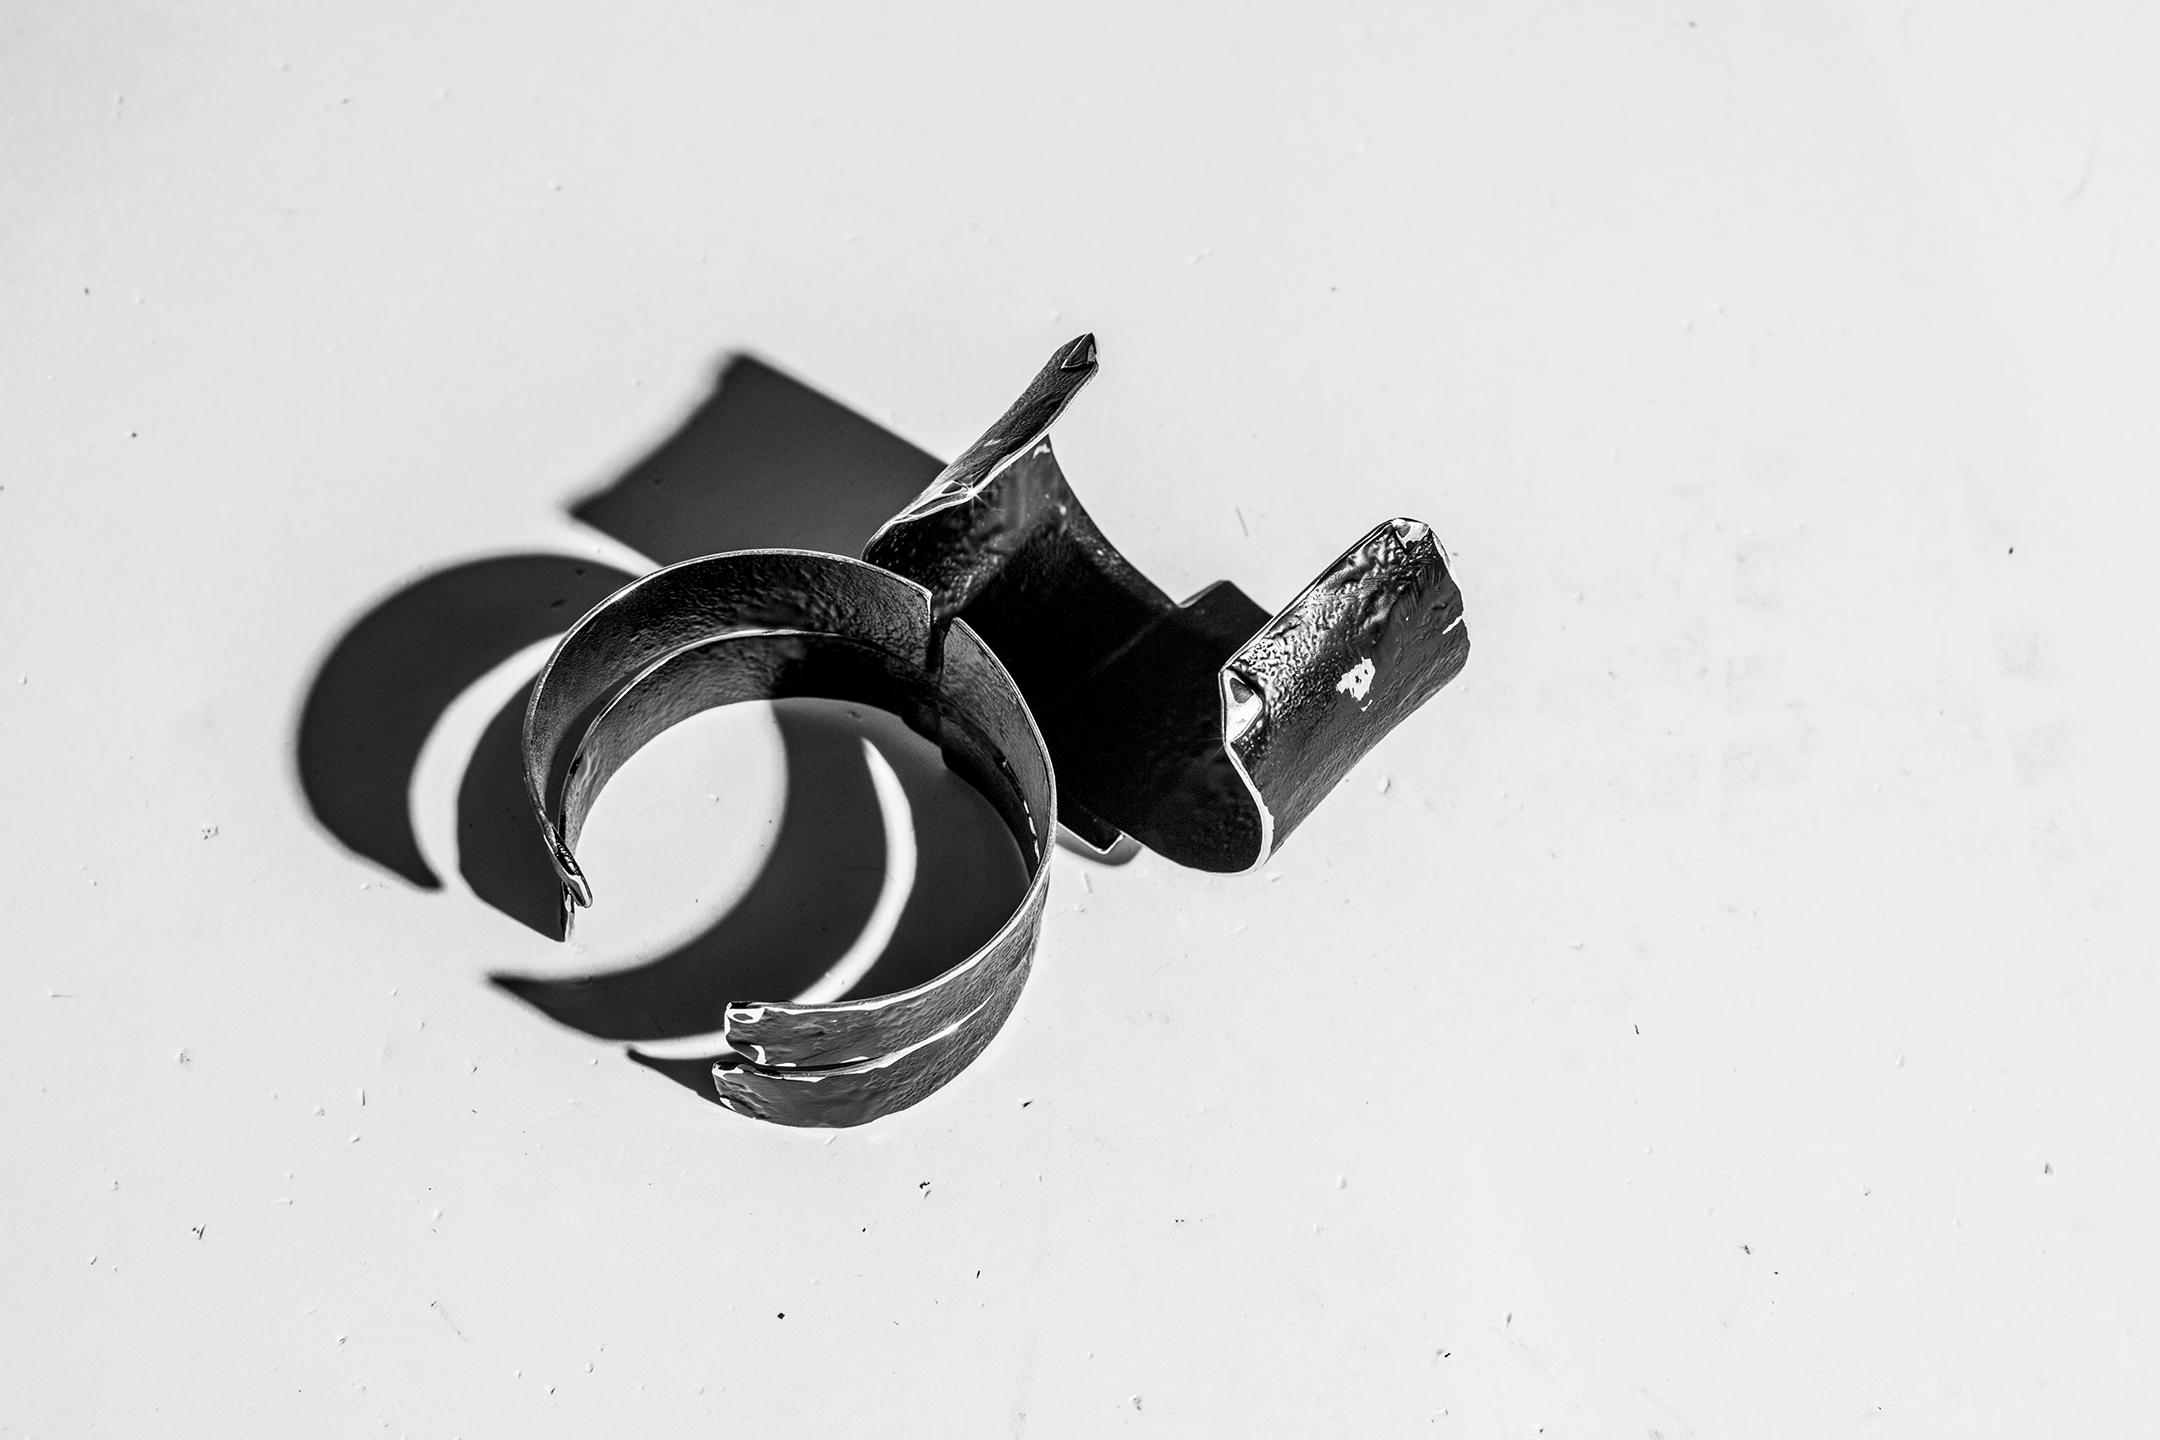 IronAge-Bracelets-HVGV-FotobyMateo.jpg